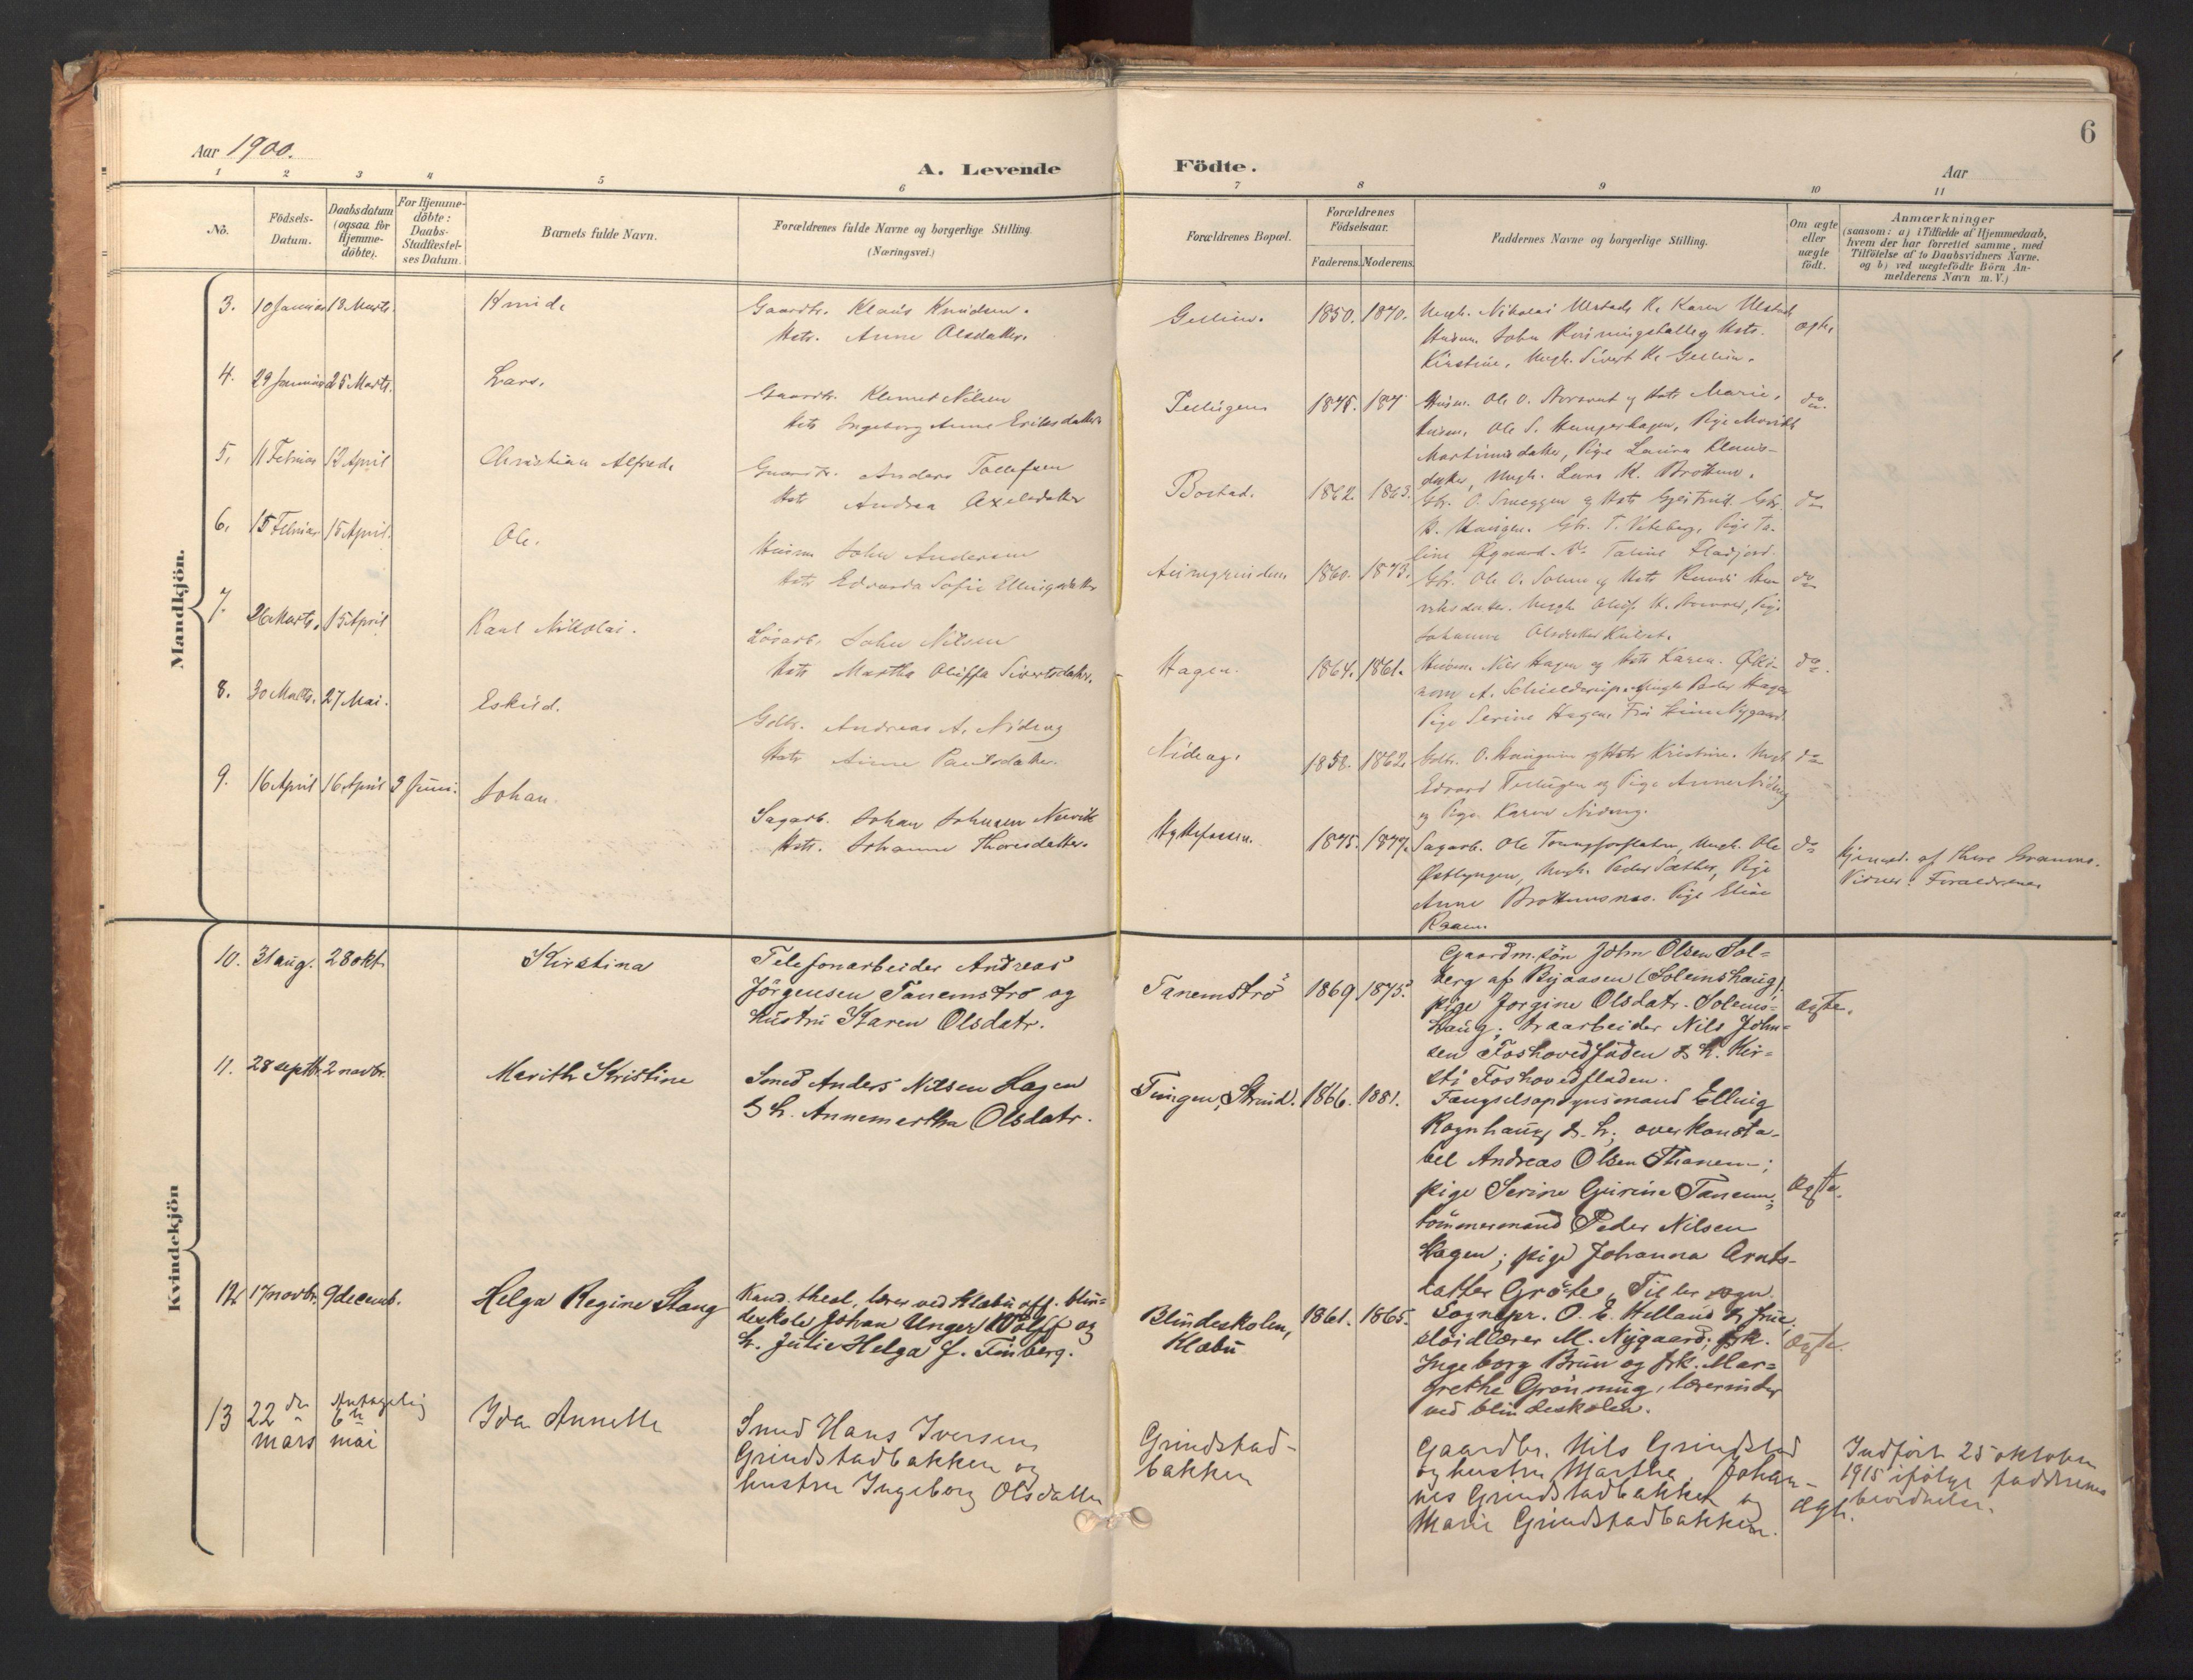 SAT, Ministerialprotokoller, klokkerbøker og fødselsregistre - Sør-Trøndelag, 618/L0448: Ministerialbok nr. 618A11, 1898-1916, s. 6